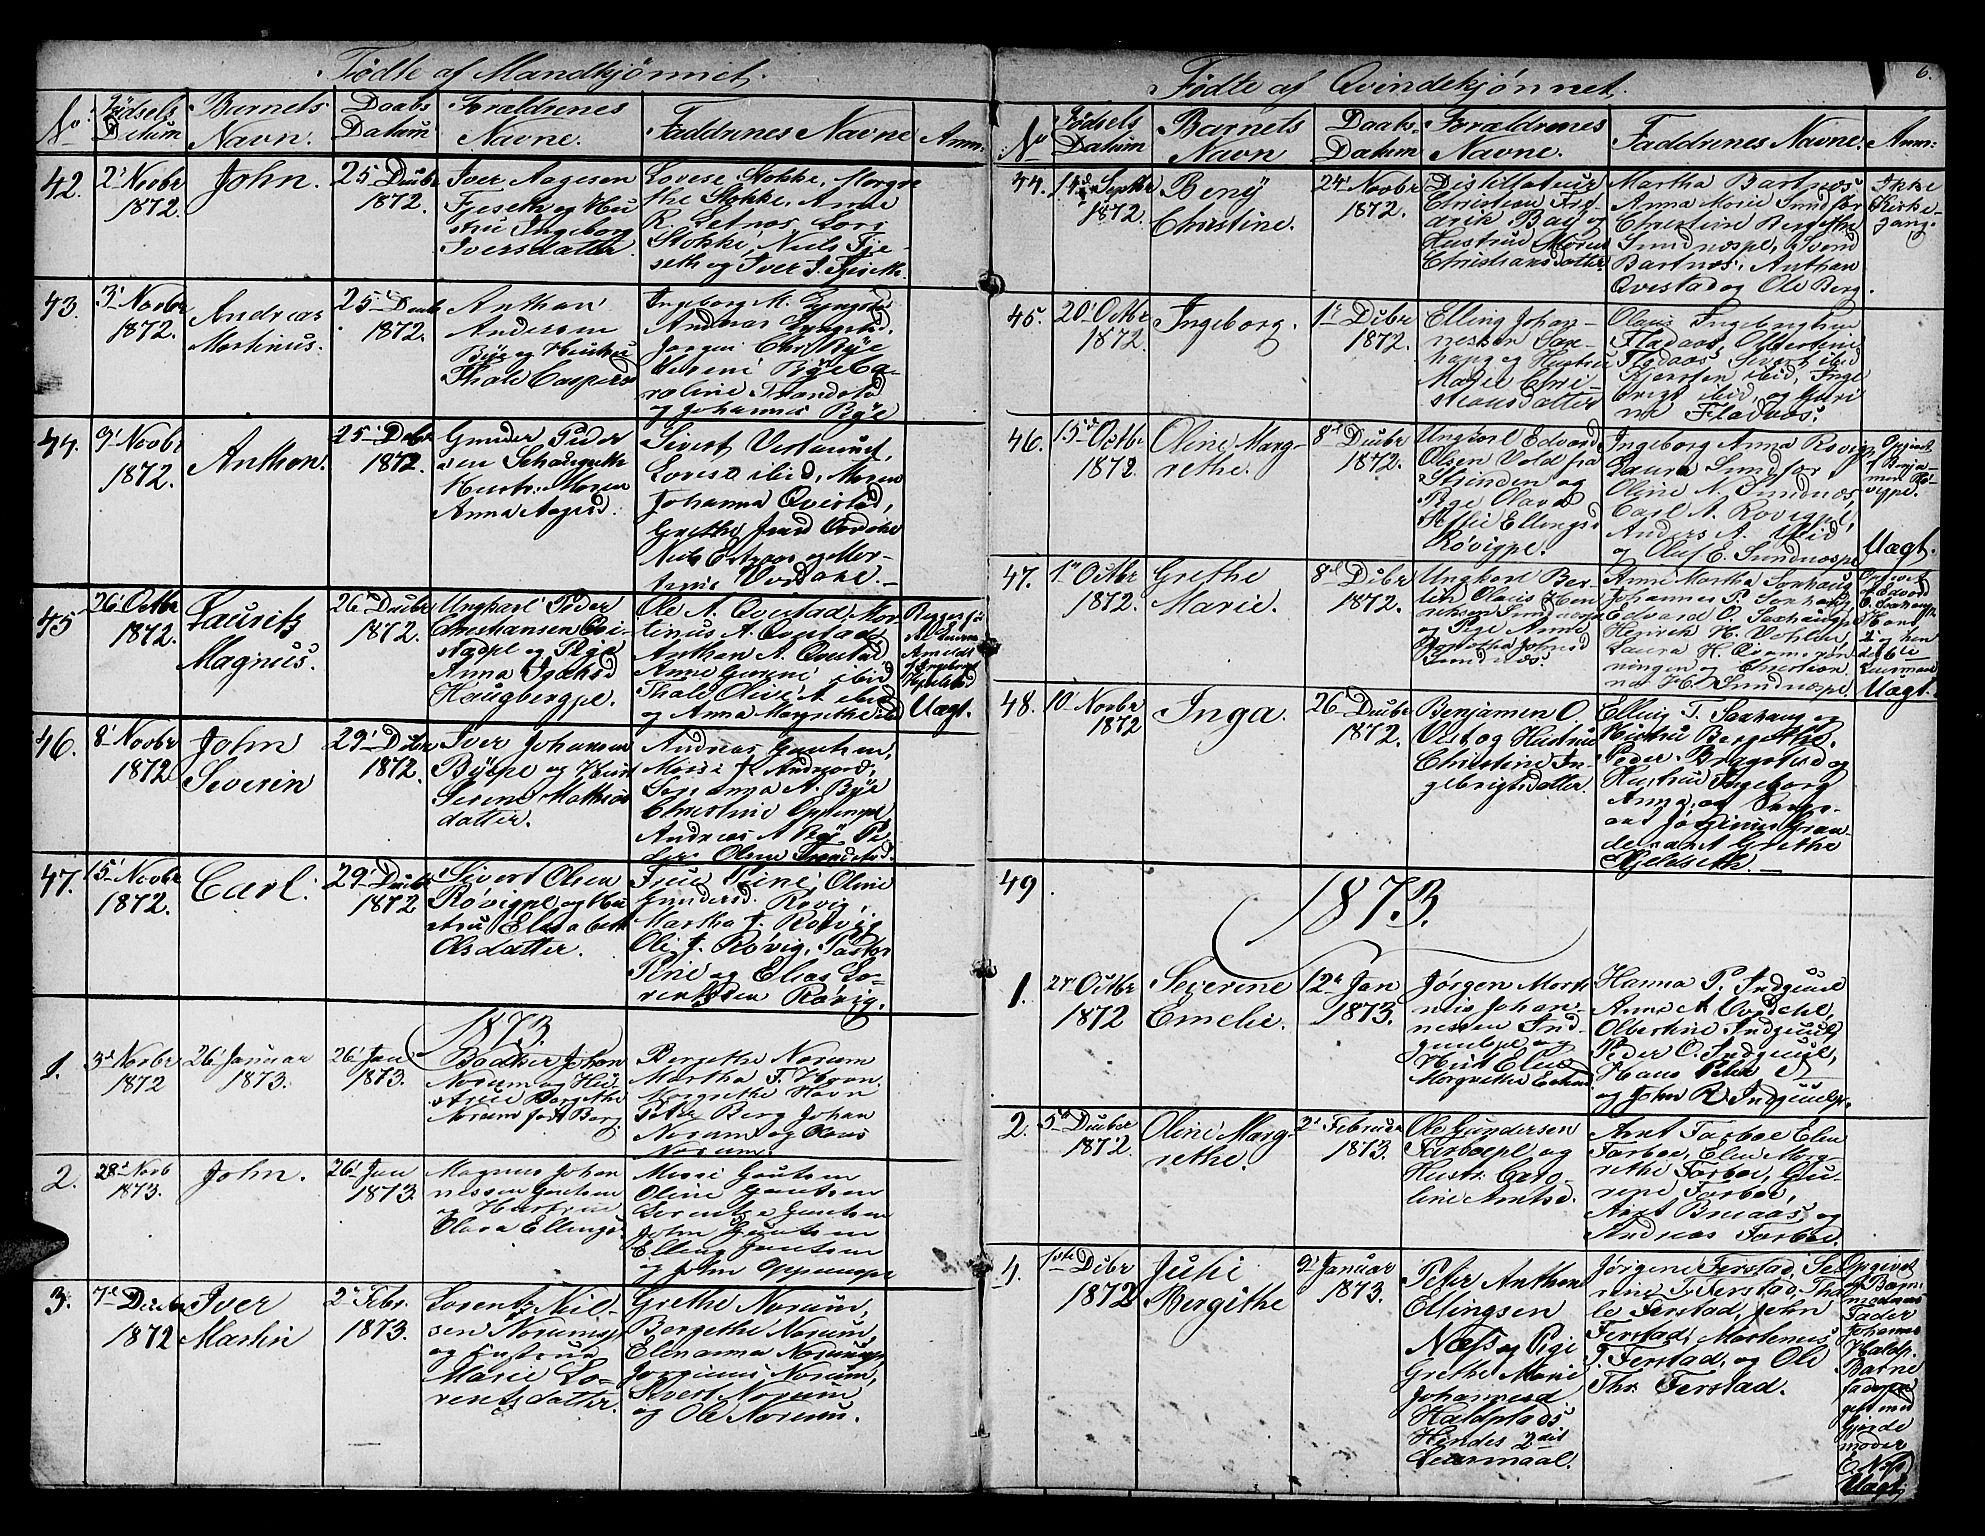 SAT, Ministerialprotokoller, klokkerbøker og fødselsregistre - Nord-Trøndelag, 730/L0300: Klokkerbok nr. 730C03, 1872-1879, s. 6